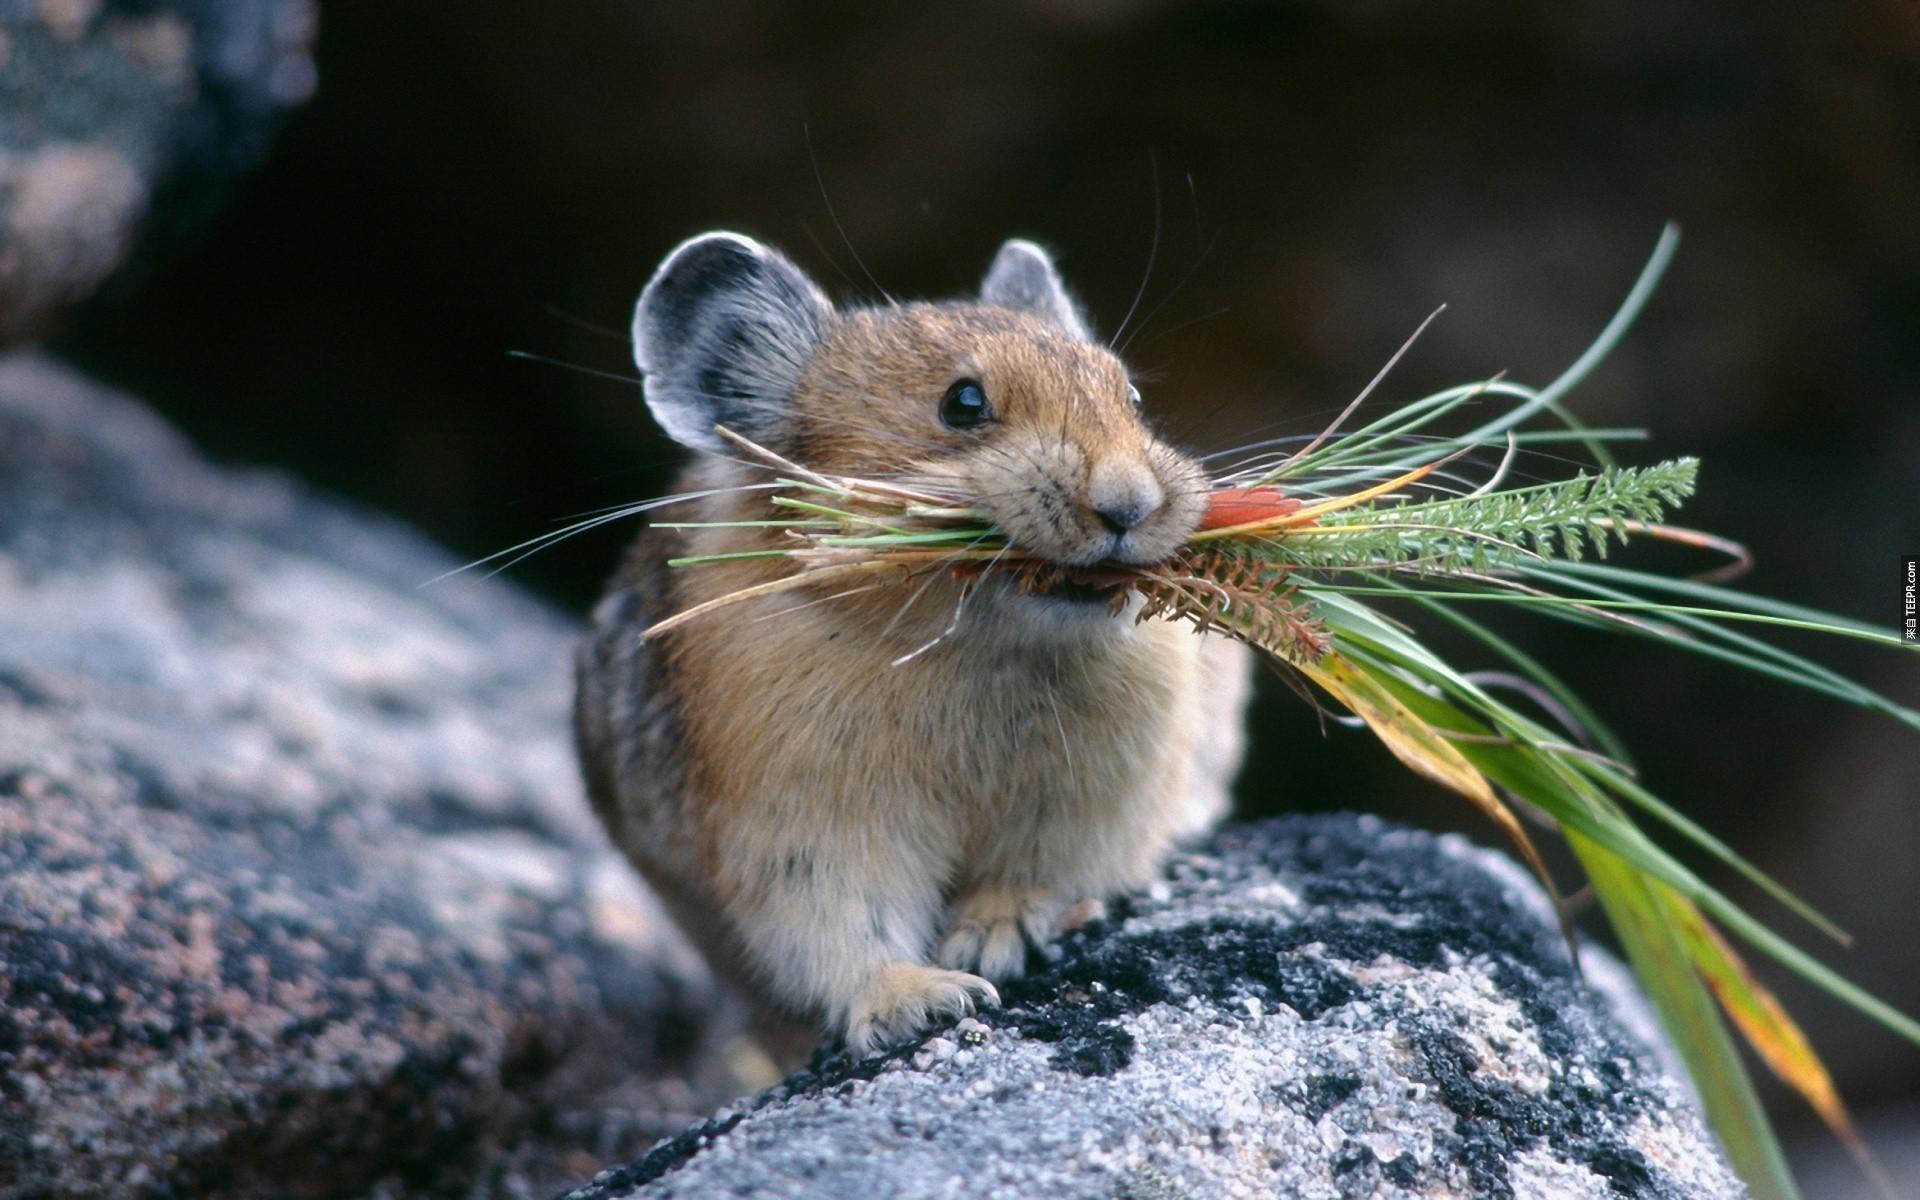 40. 鼠兔 (Pikas) 會為了過冬把很多的甘草儲存起來。